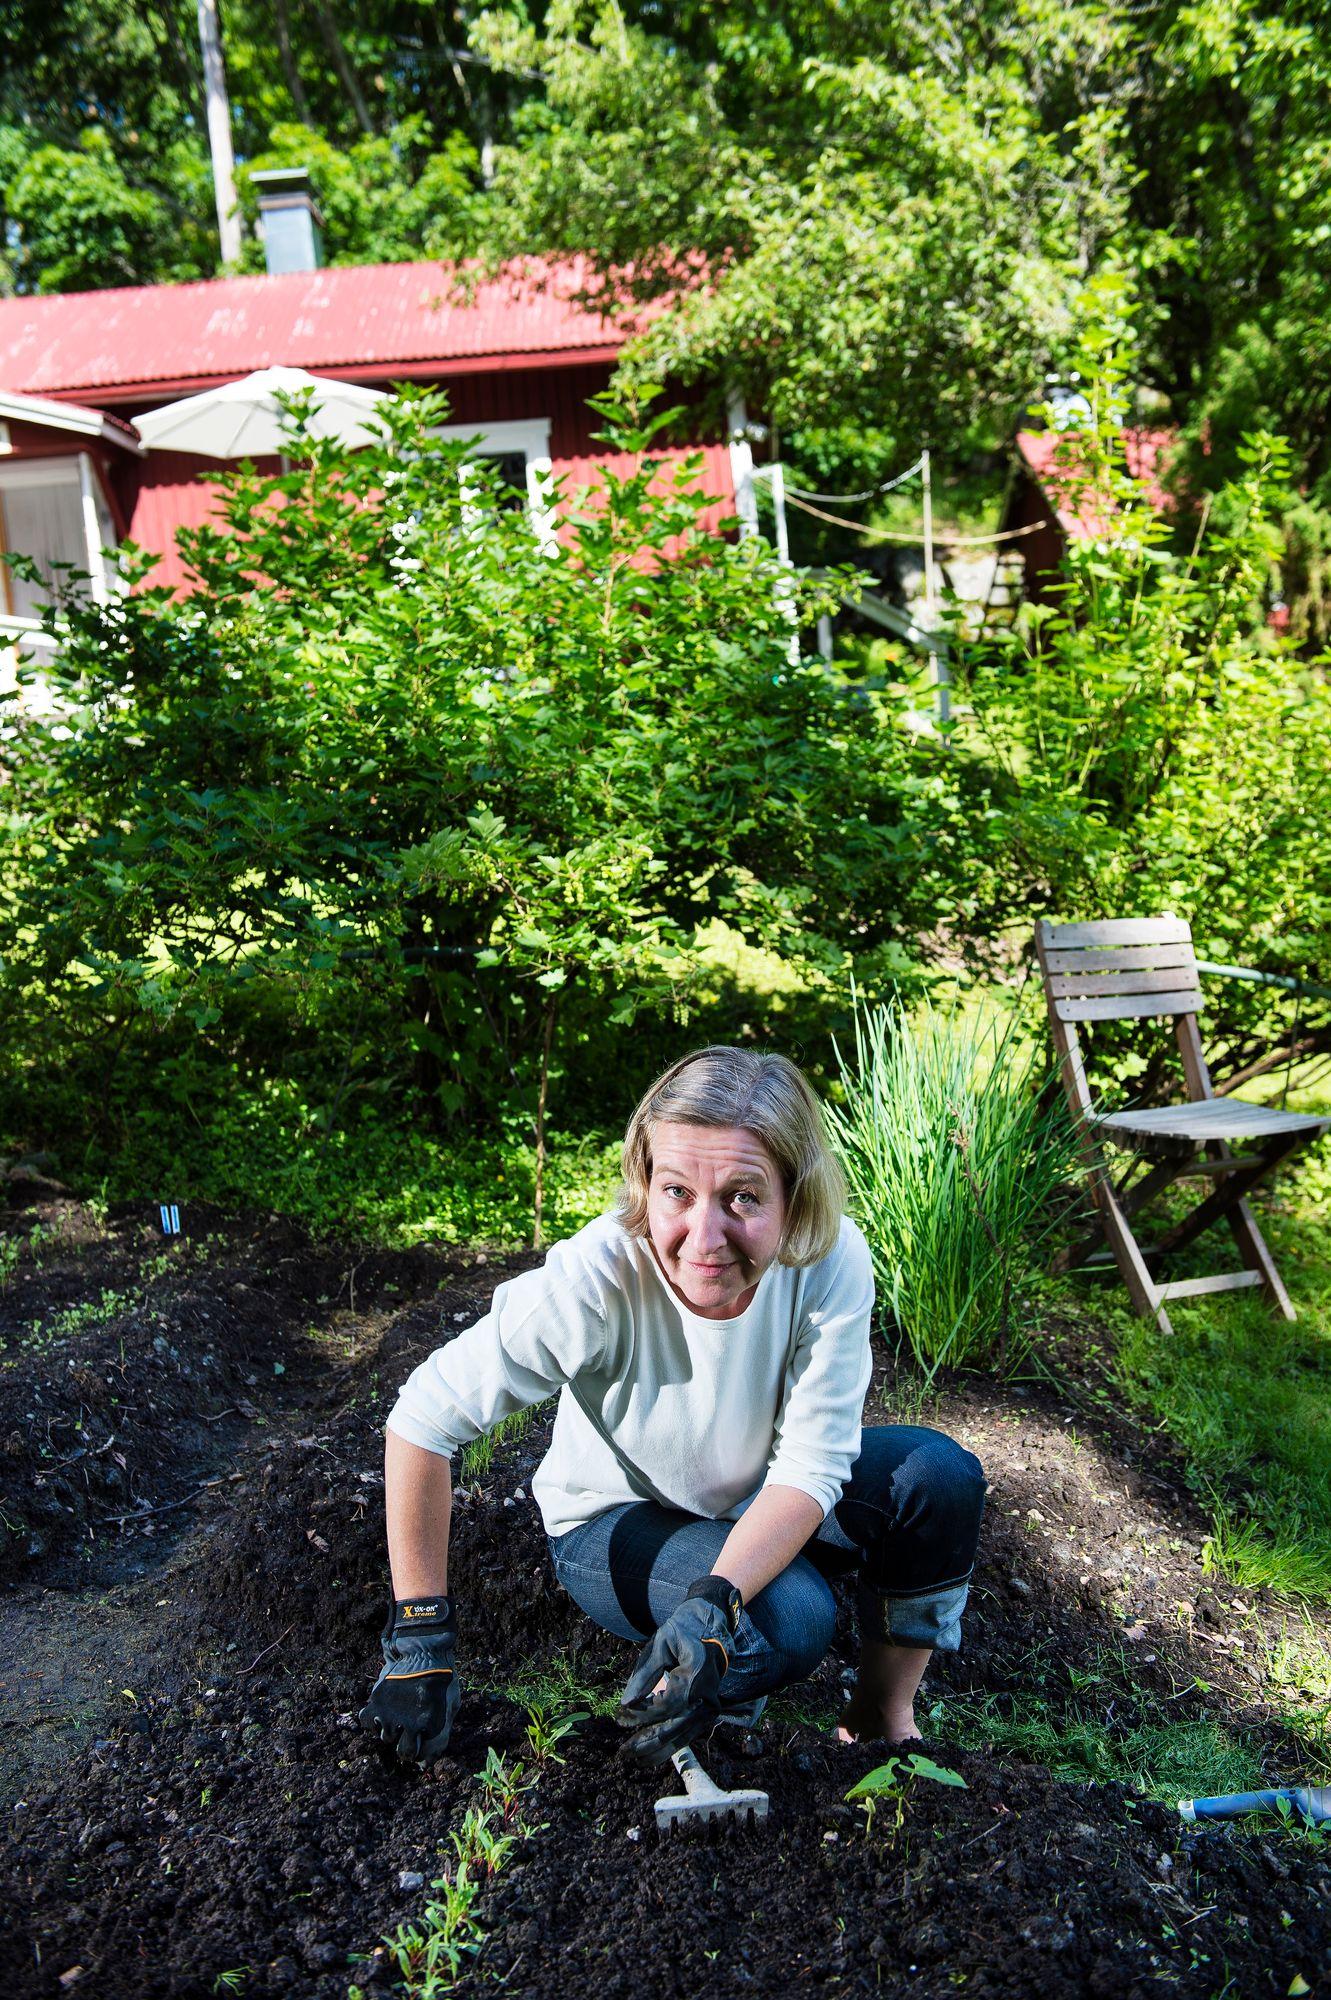 Raija teki pihalle pienen kasvimaan, jossa hän kasvattaa salaattia, yrttejä ja perunoita. © Ari Heinonen/Otavamedia